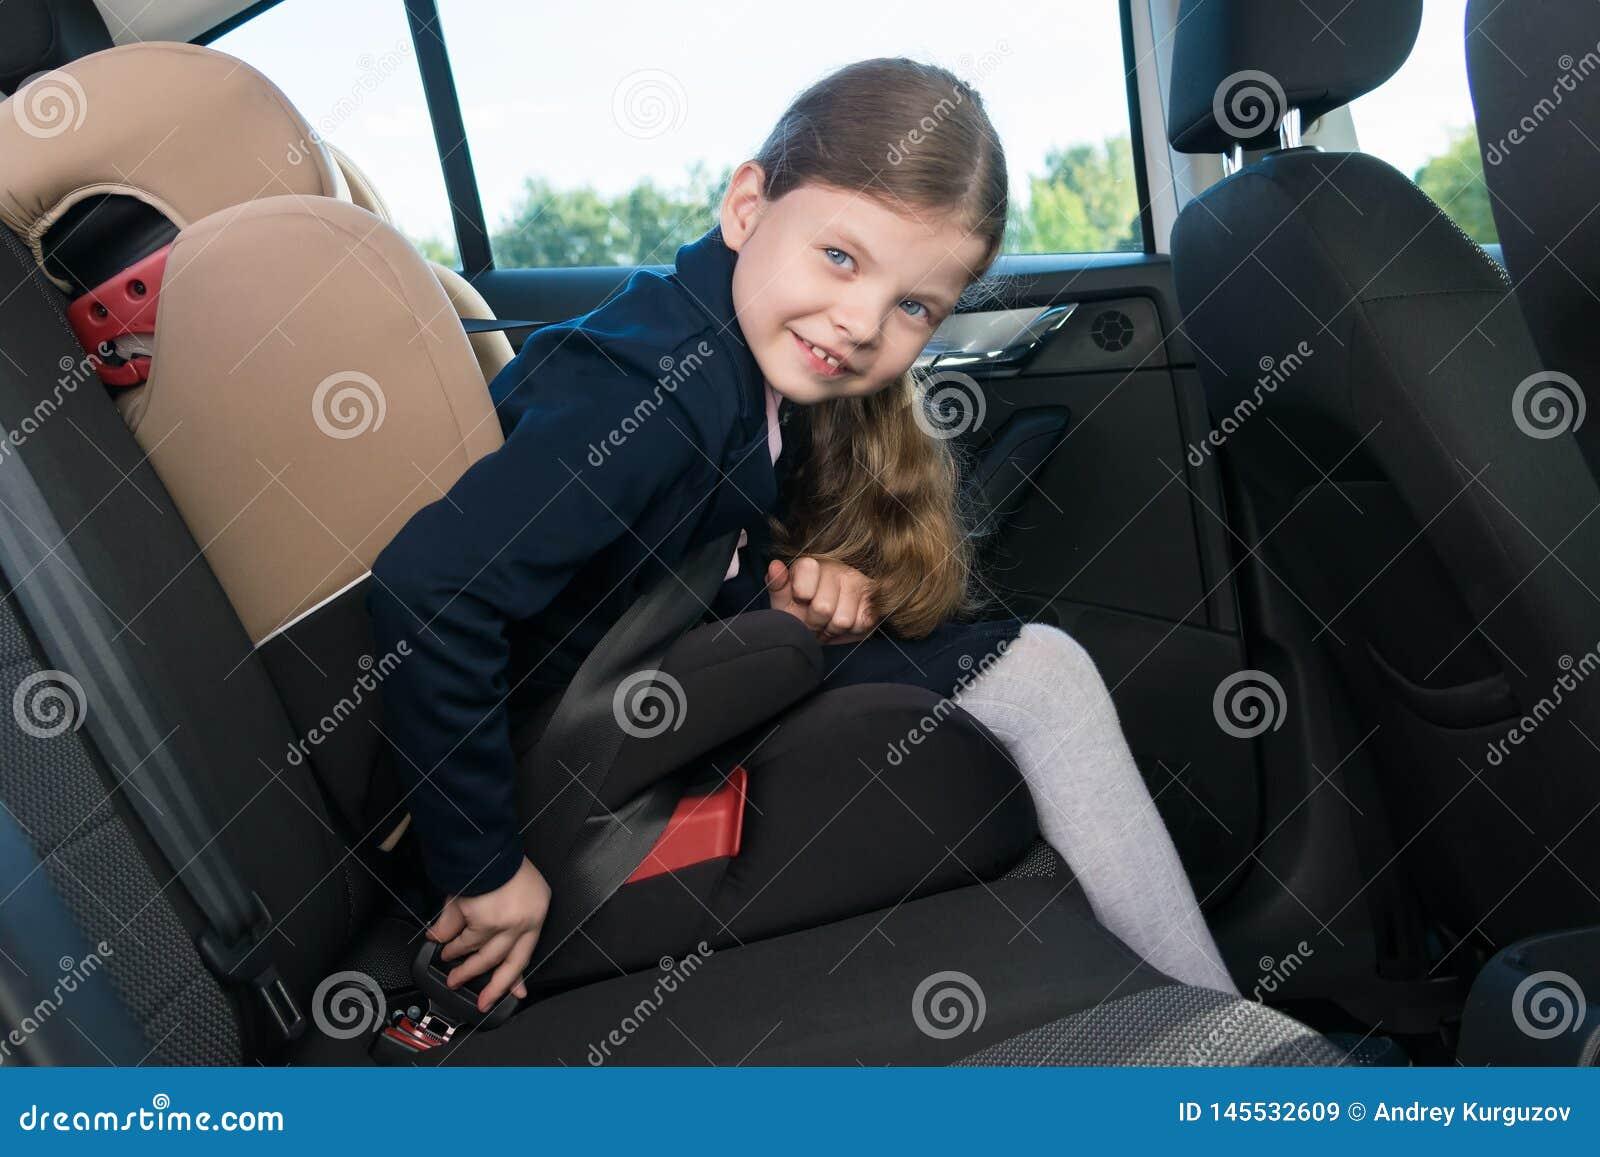 Девушка в автомобиле перед идти обучить прикрепляет ремень безопасности ее места